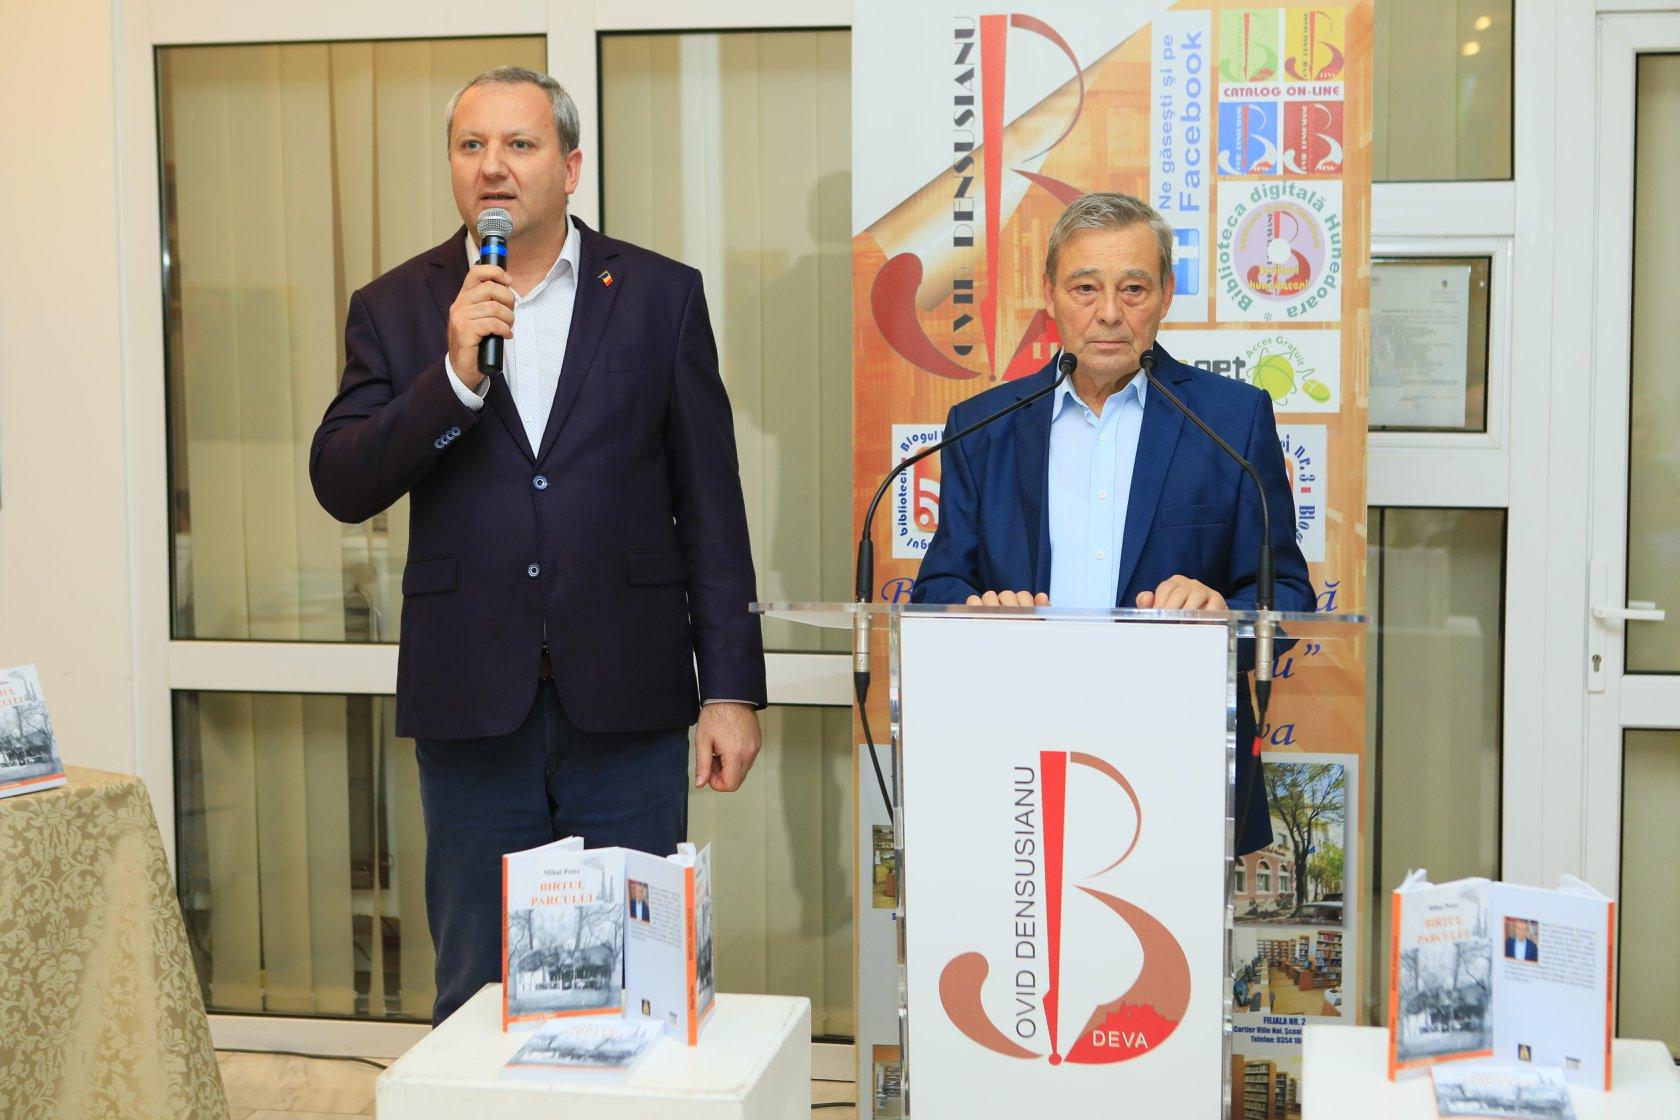 """Biblioteca Județeană """"Ovid Densusianu"""" a organizat un nou eveniment cultural de excepție Un roman cât o istorie – """"Birtul parcului"""", semnat de Mihai Petre"""